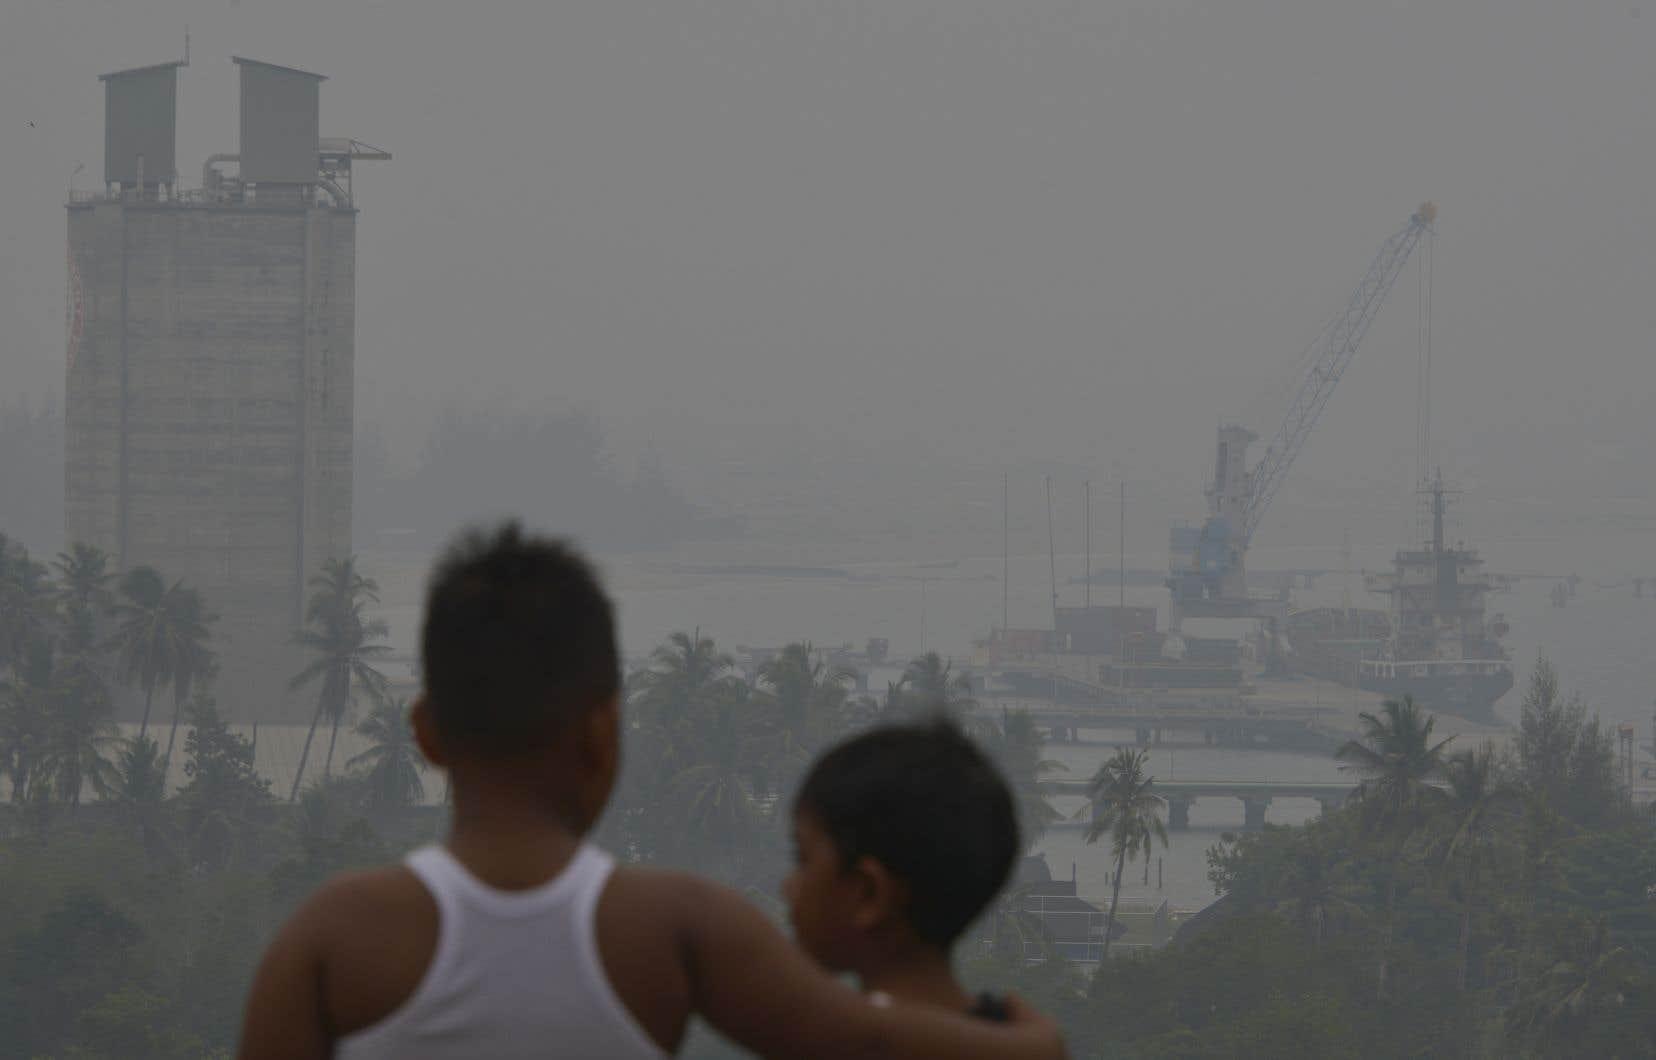 Les enfants les plus jeunes sont les plus vulnérables face à cette pollution à cause de leur système immunitaire encore en développement.